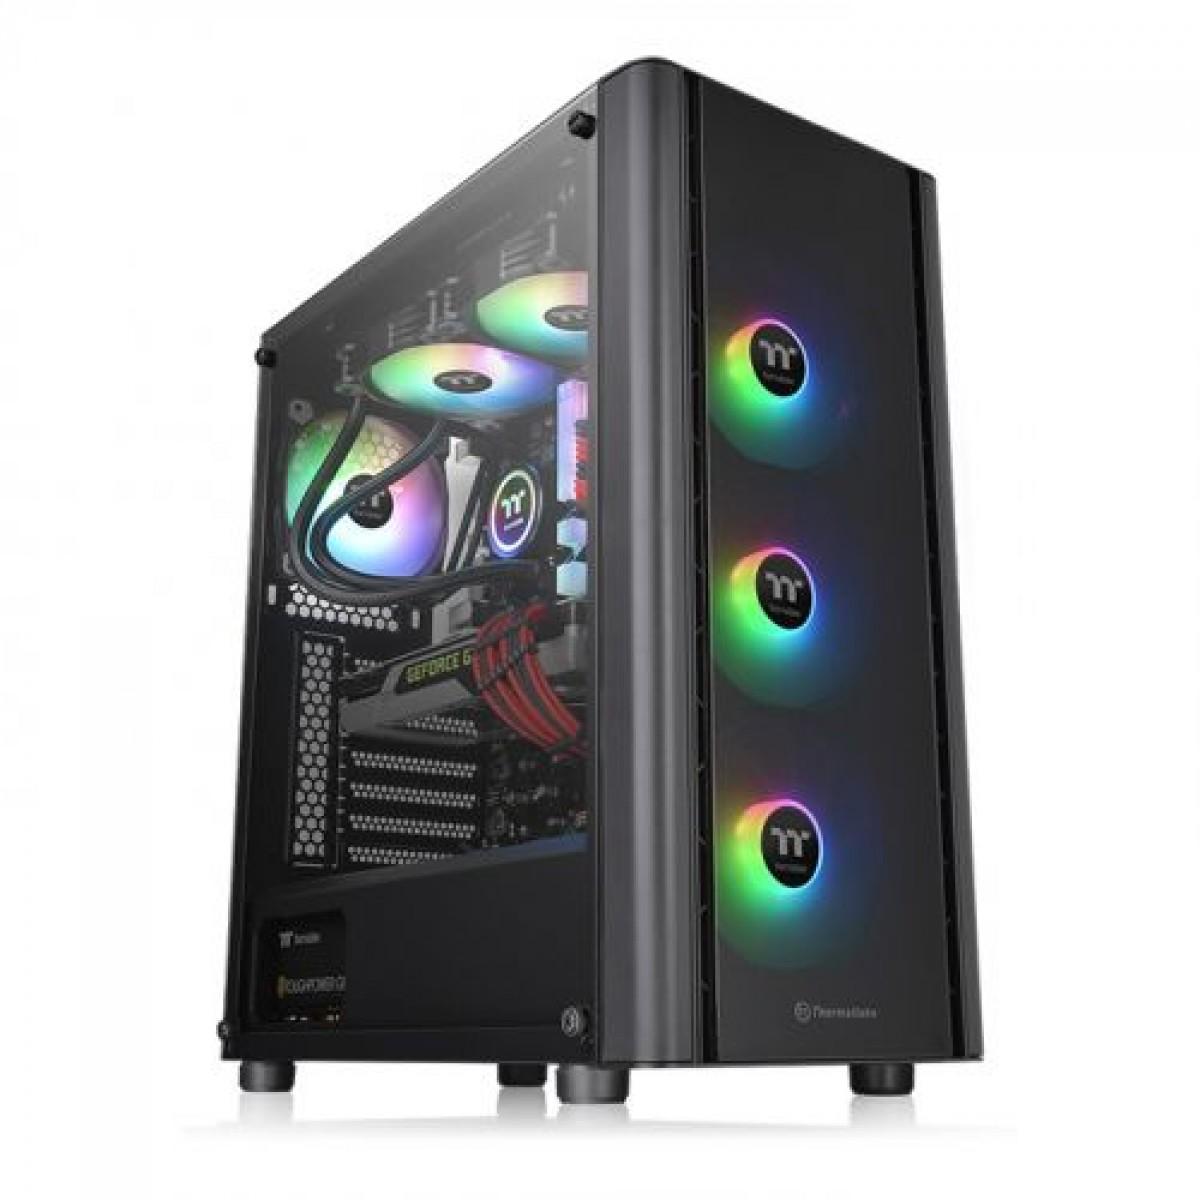 Gabinete Gamer Thermaltake V250 TG ARGB, Mid Tower, Vidro Temperado, Black, ATX, Sem Fonte, Com 4 Fans, CA-1Q5-00M1WN-00